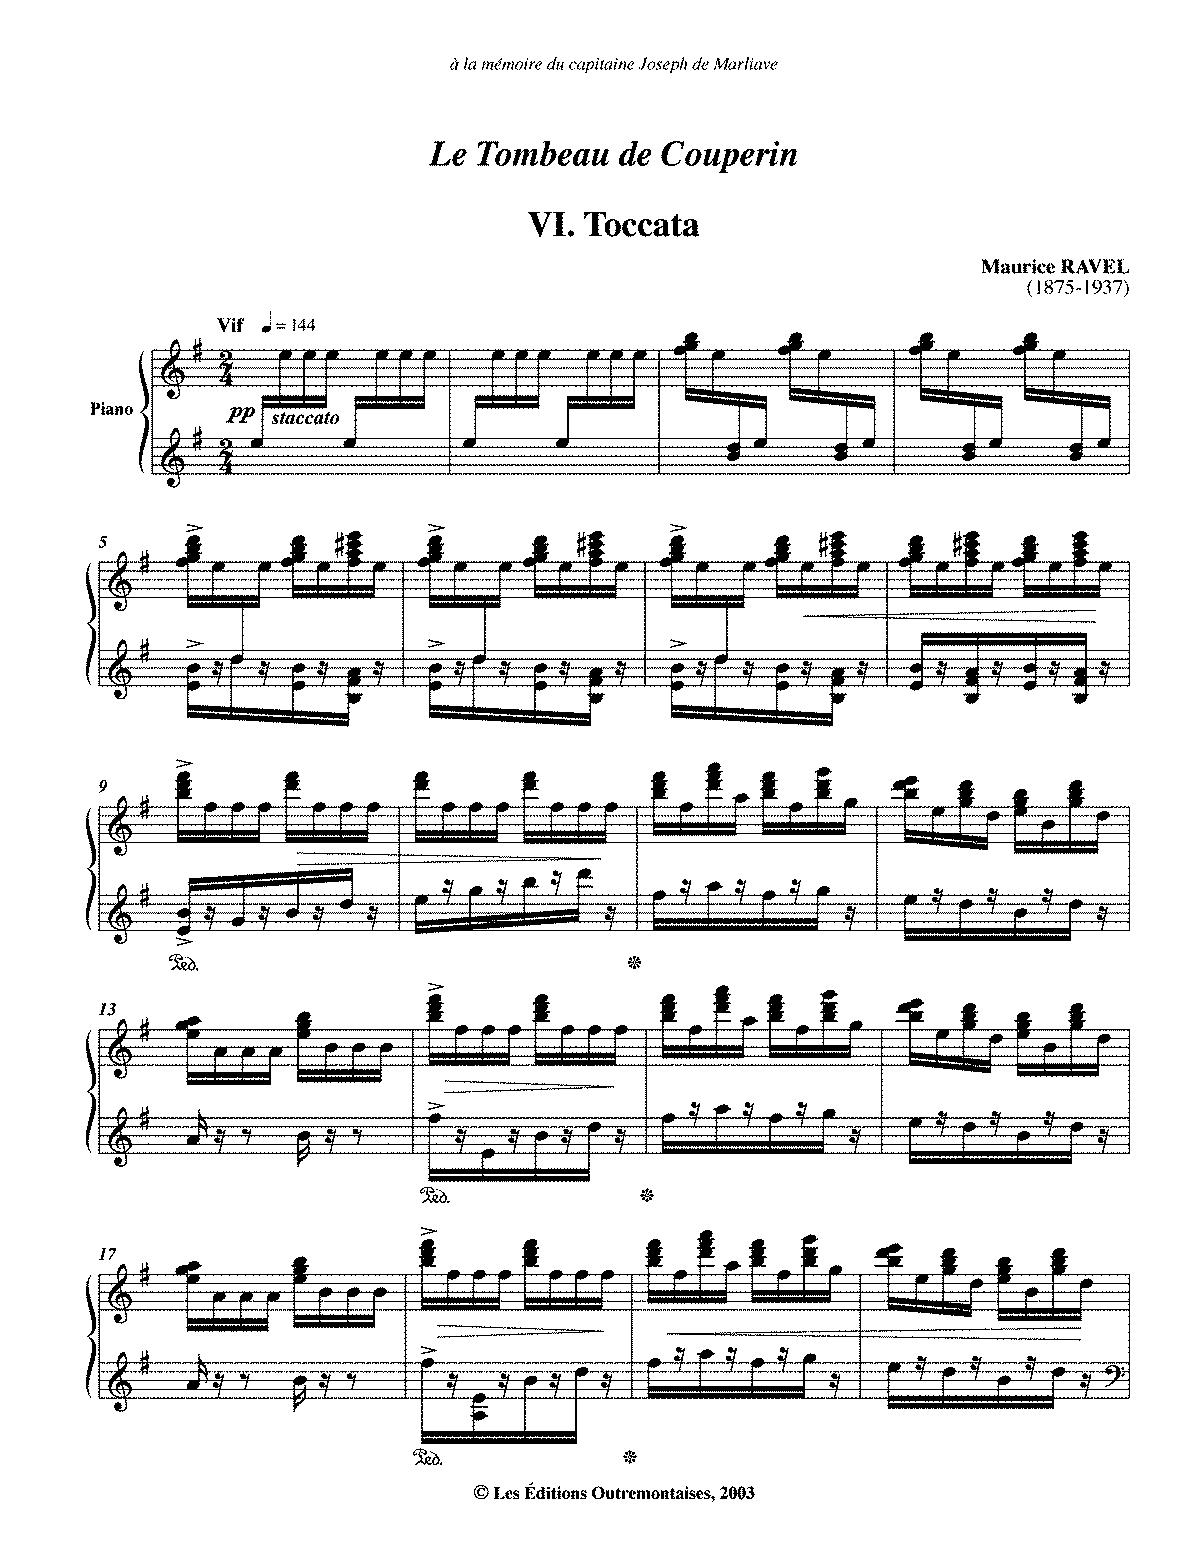 VI. Toccata